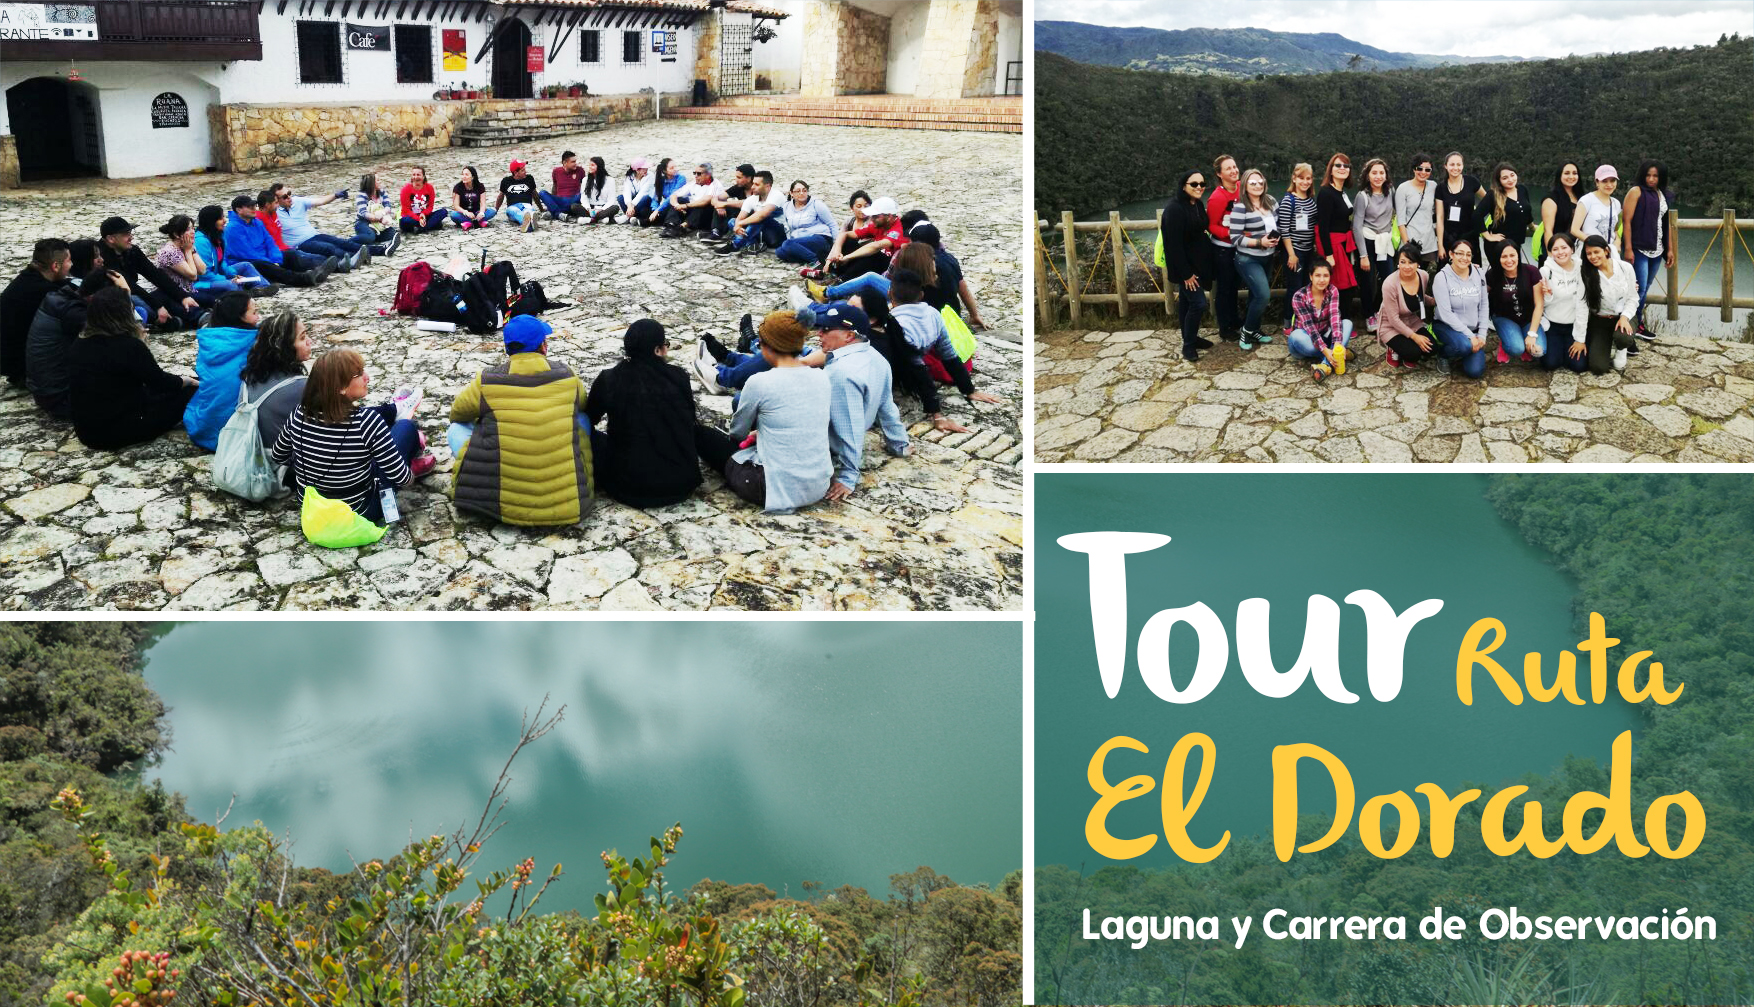 Tour de bienestar Guatavita Ruta El